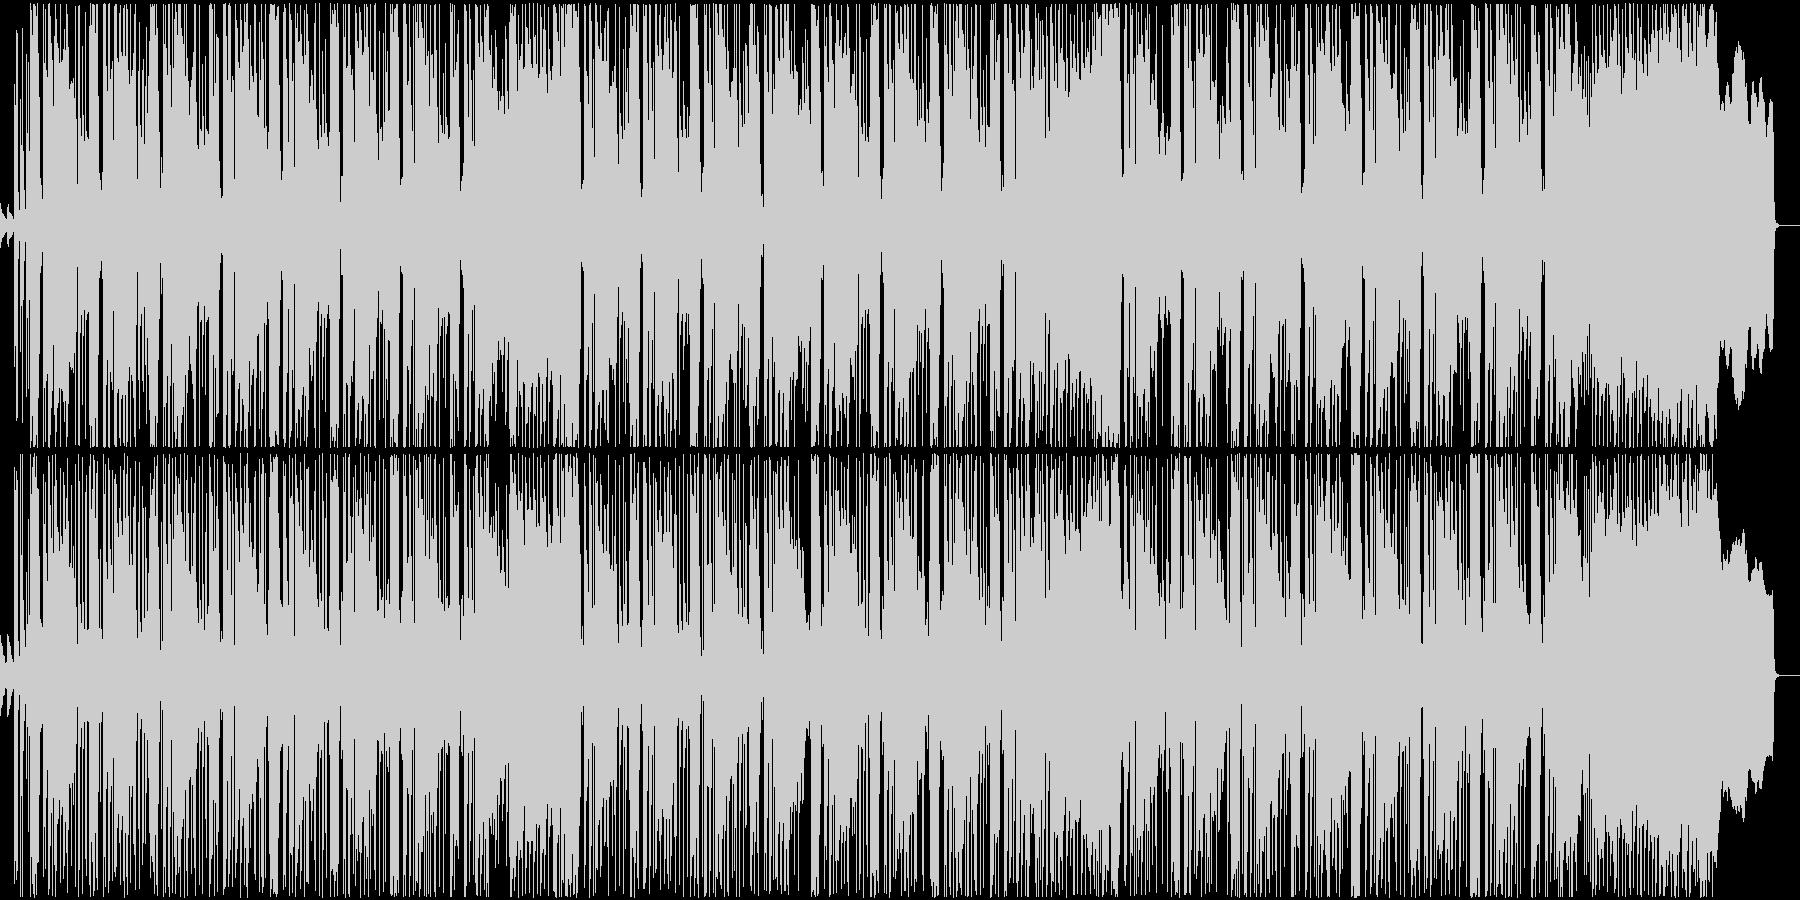 ダンサブルなミクスチャーロックサウンドの未再生の波形